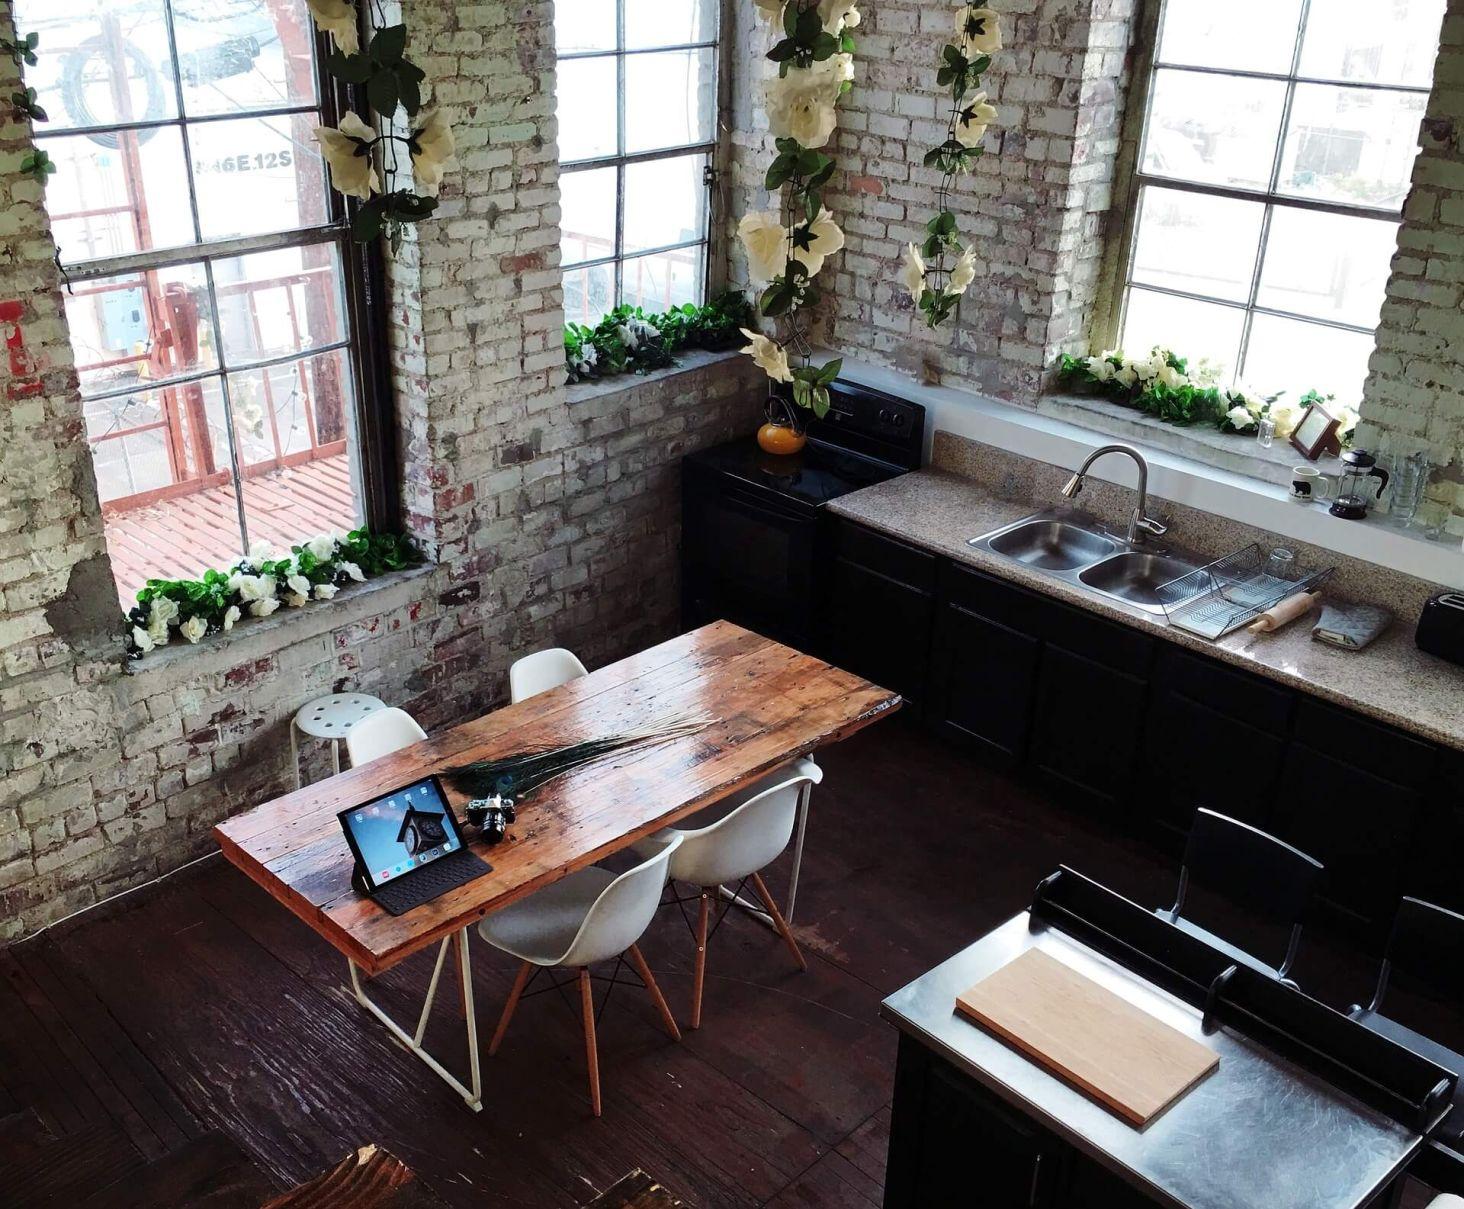 Aranzacja Okna W Kuchni Przepis Na Kompozycje Idealna Wnetrza Ze